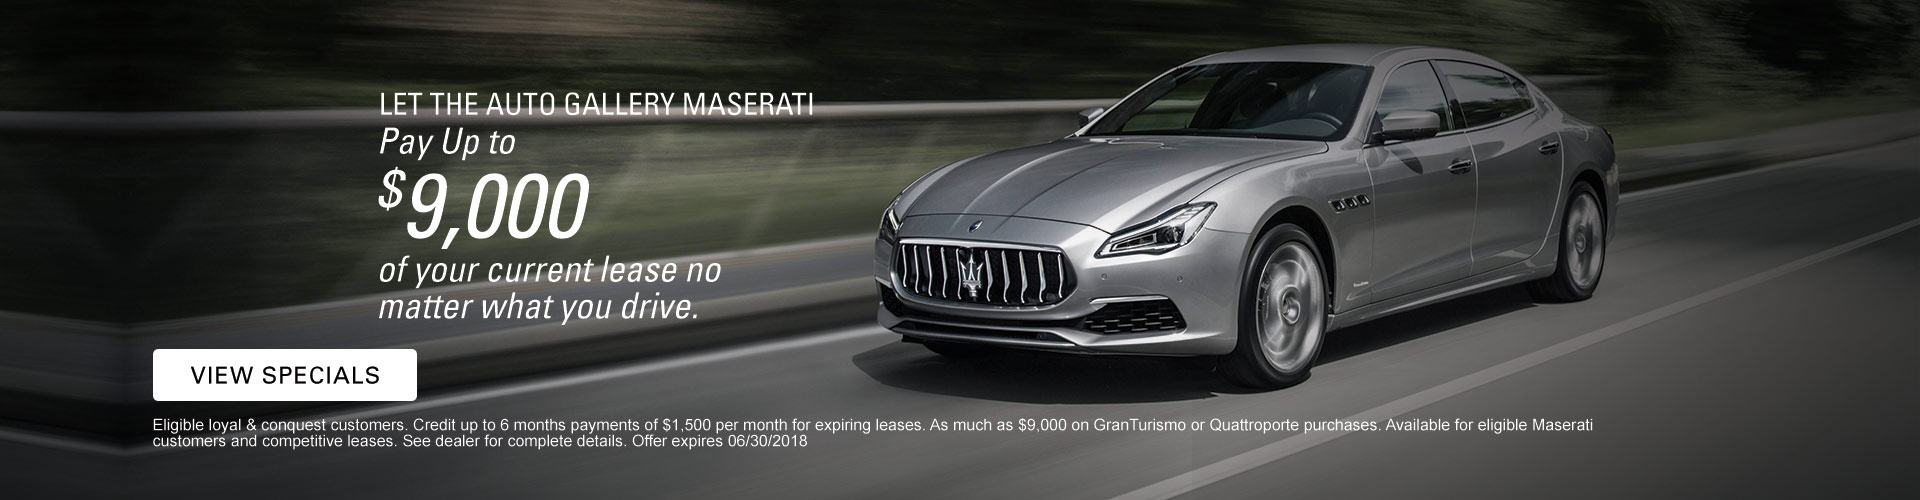 GT/QP $9,000